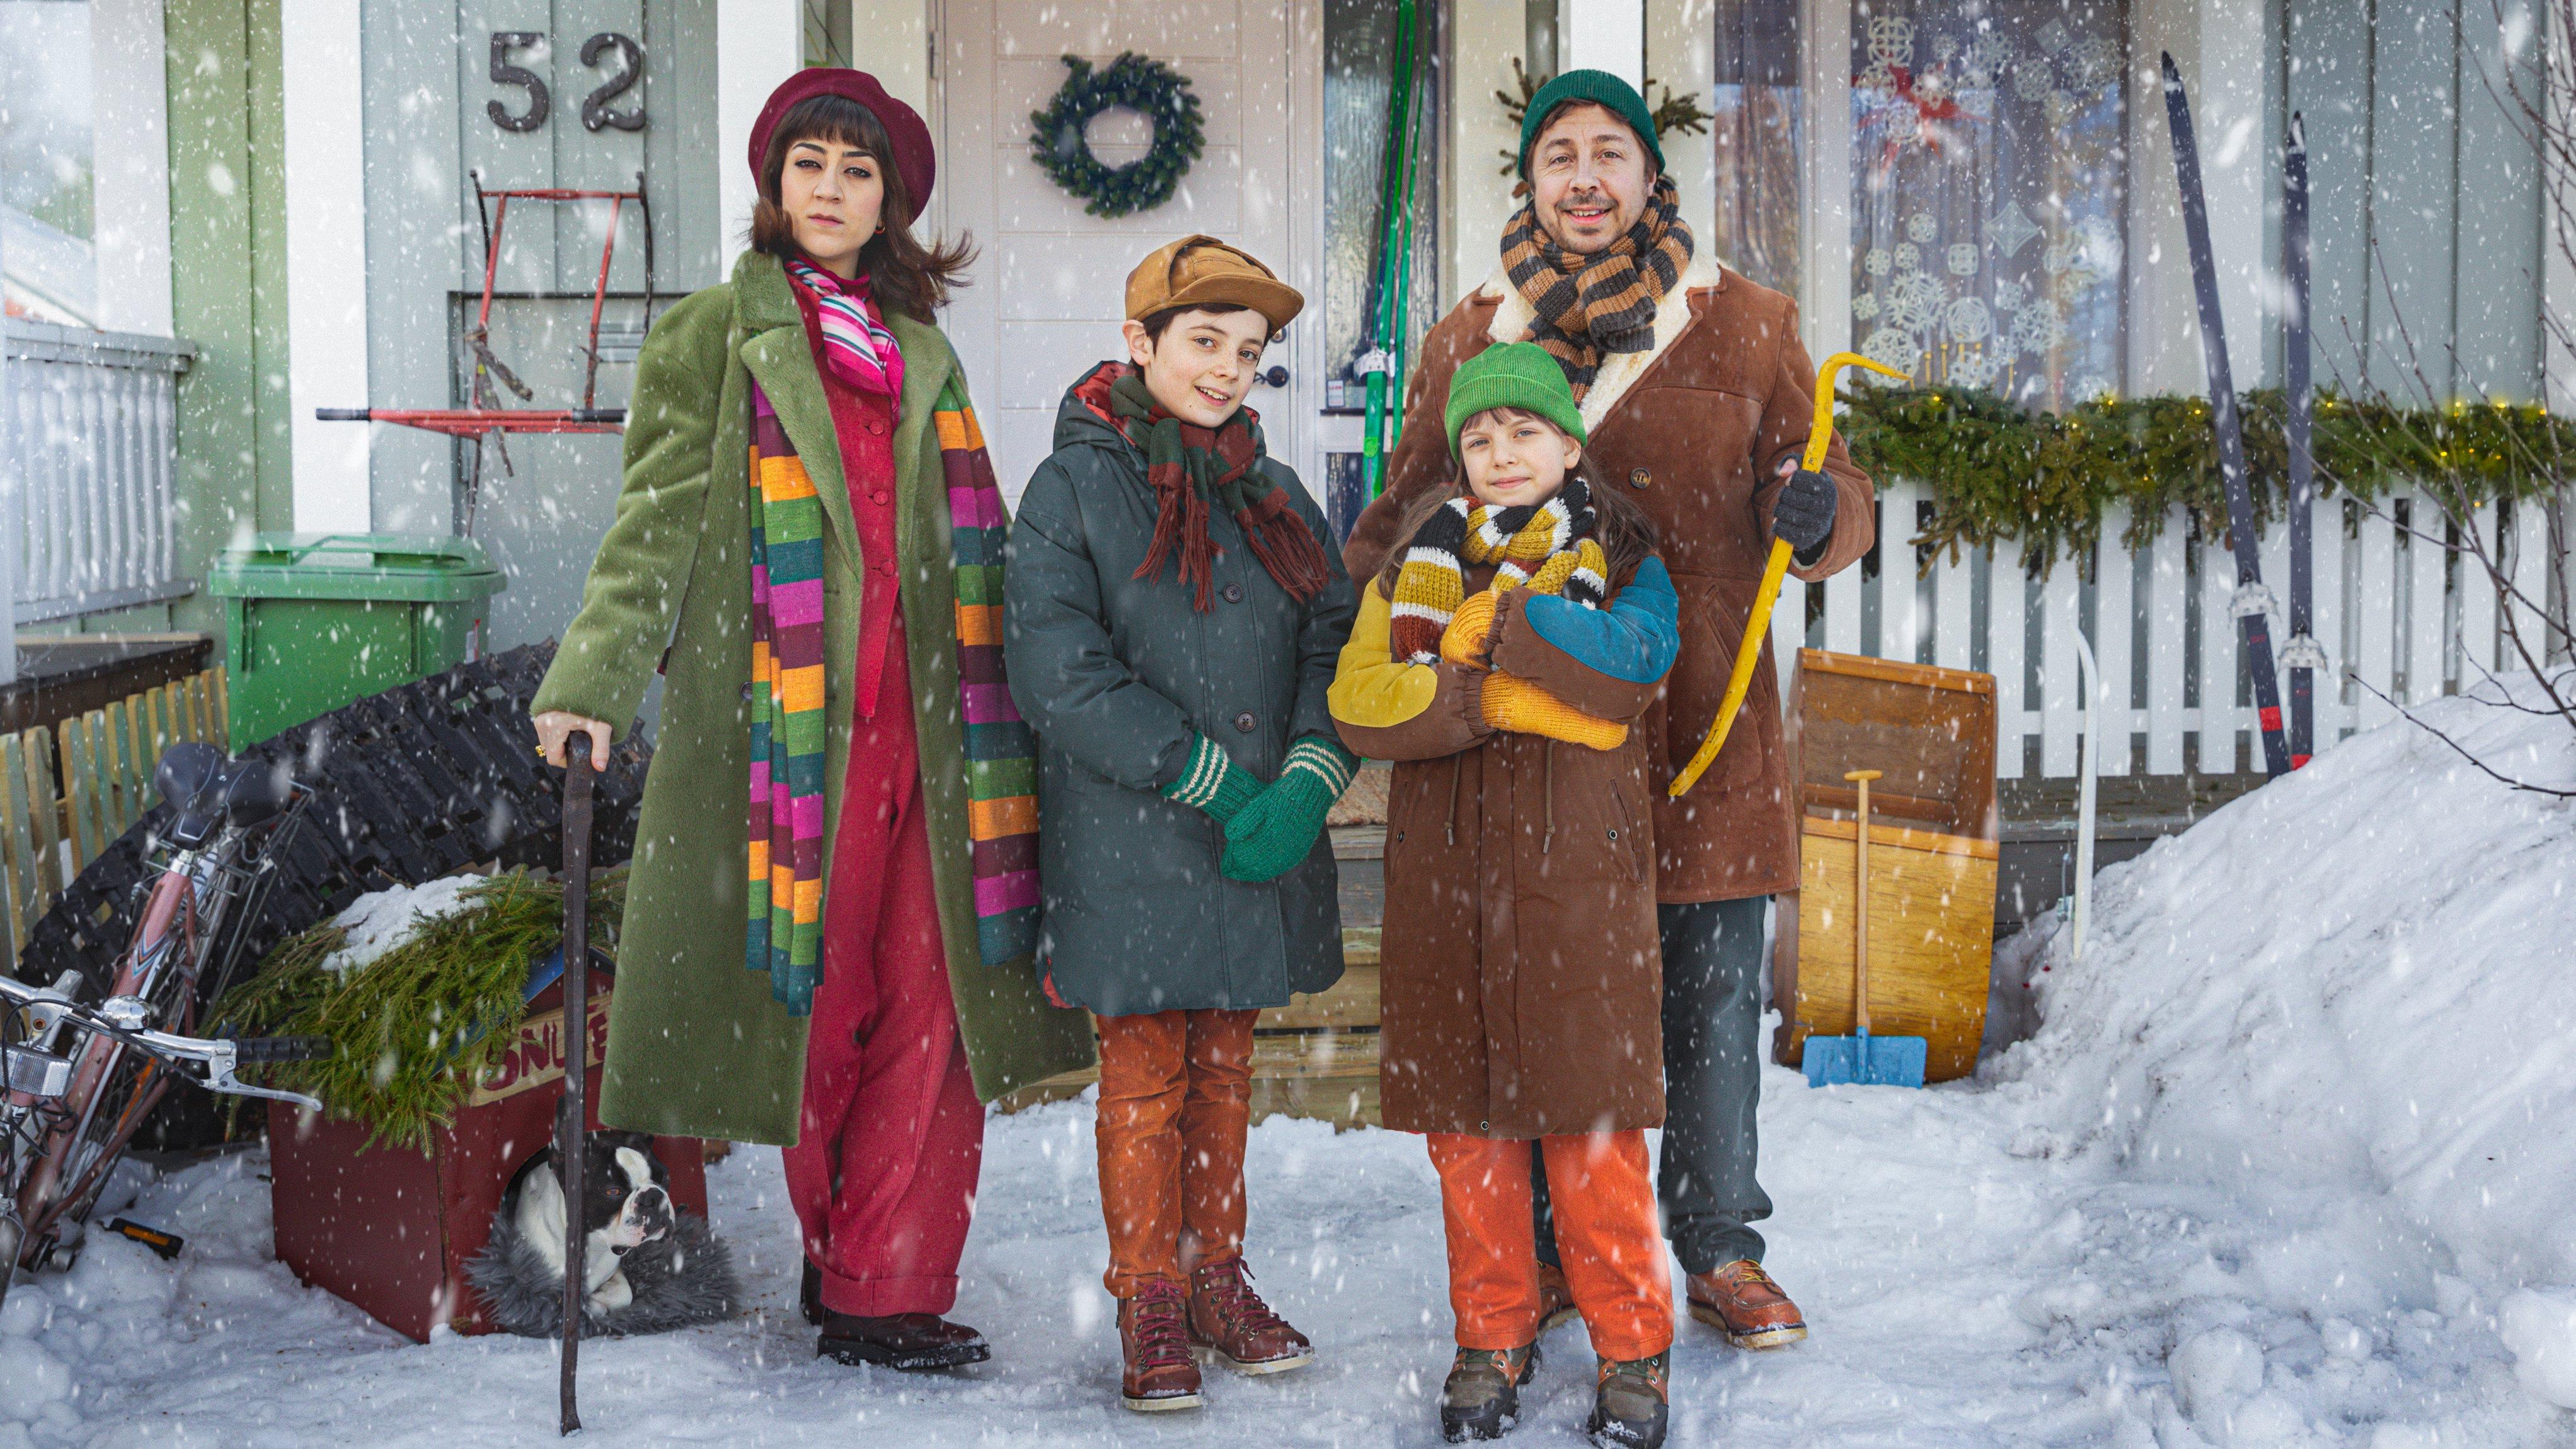 En hederlig jul med Knyckertz. Foto: Ulrika Malm/SVT.